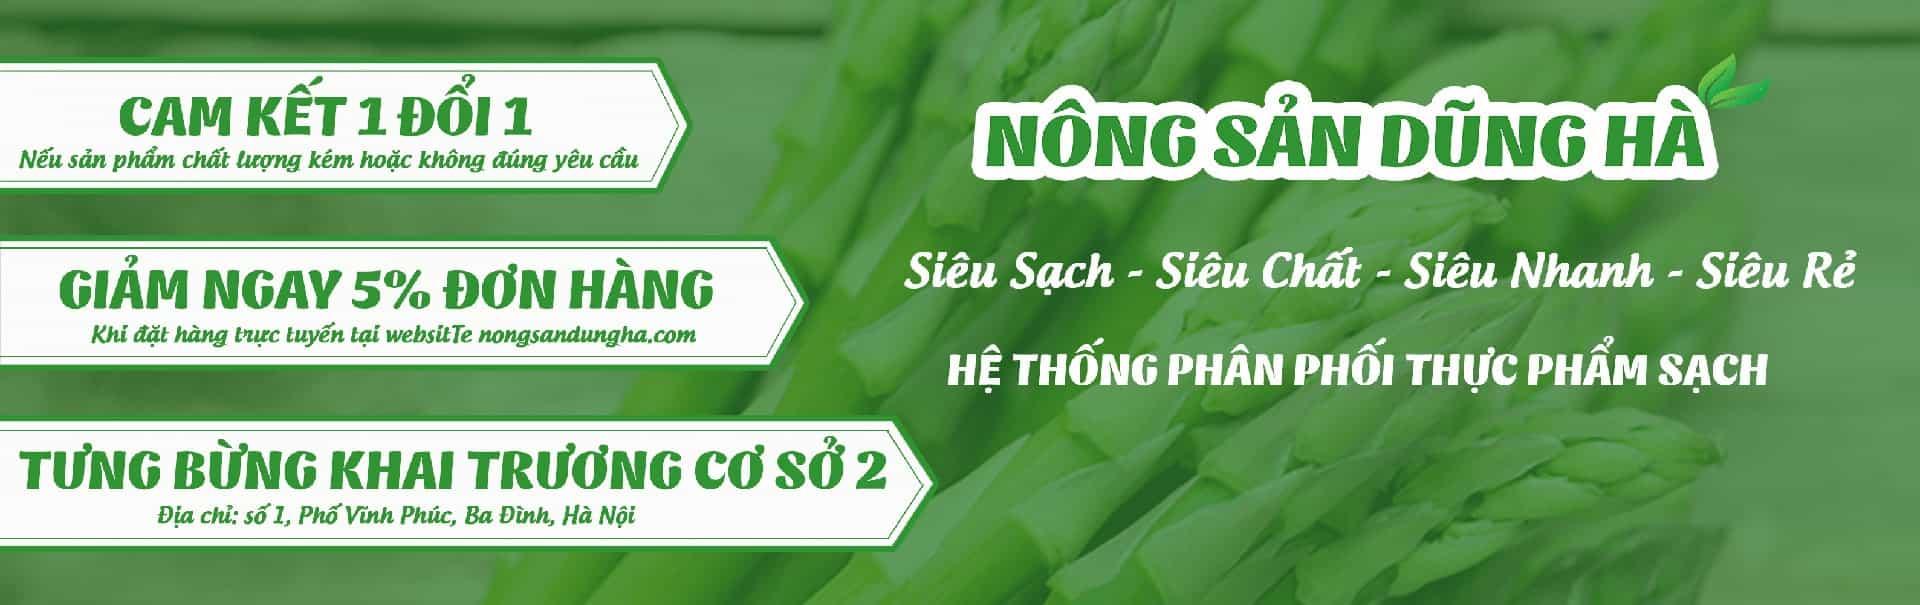 Địa chỉ sỉ rau củ quả sạch Đà Lạt – nguồn rau sạch Đà Lạt tại Hà Nội